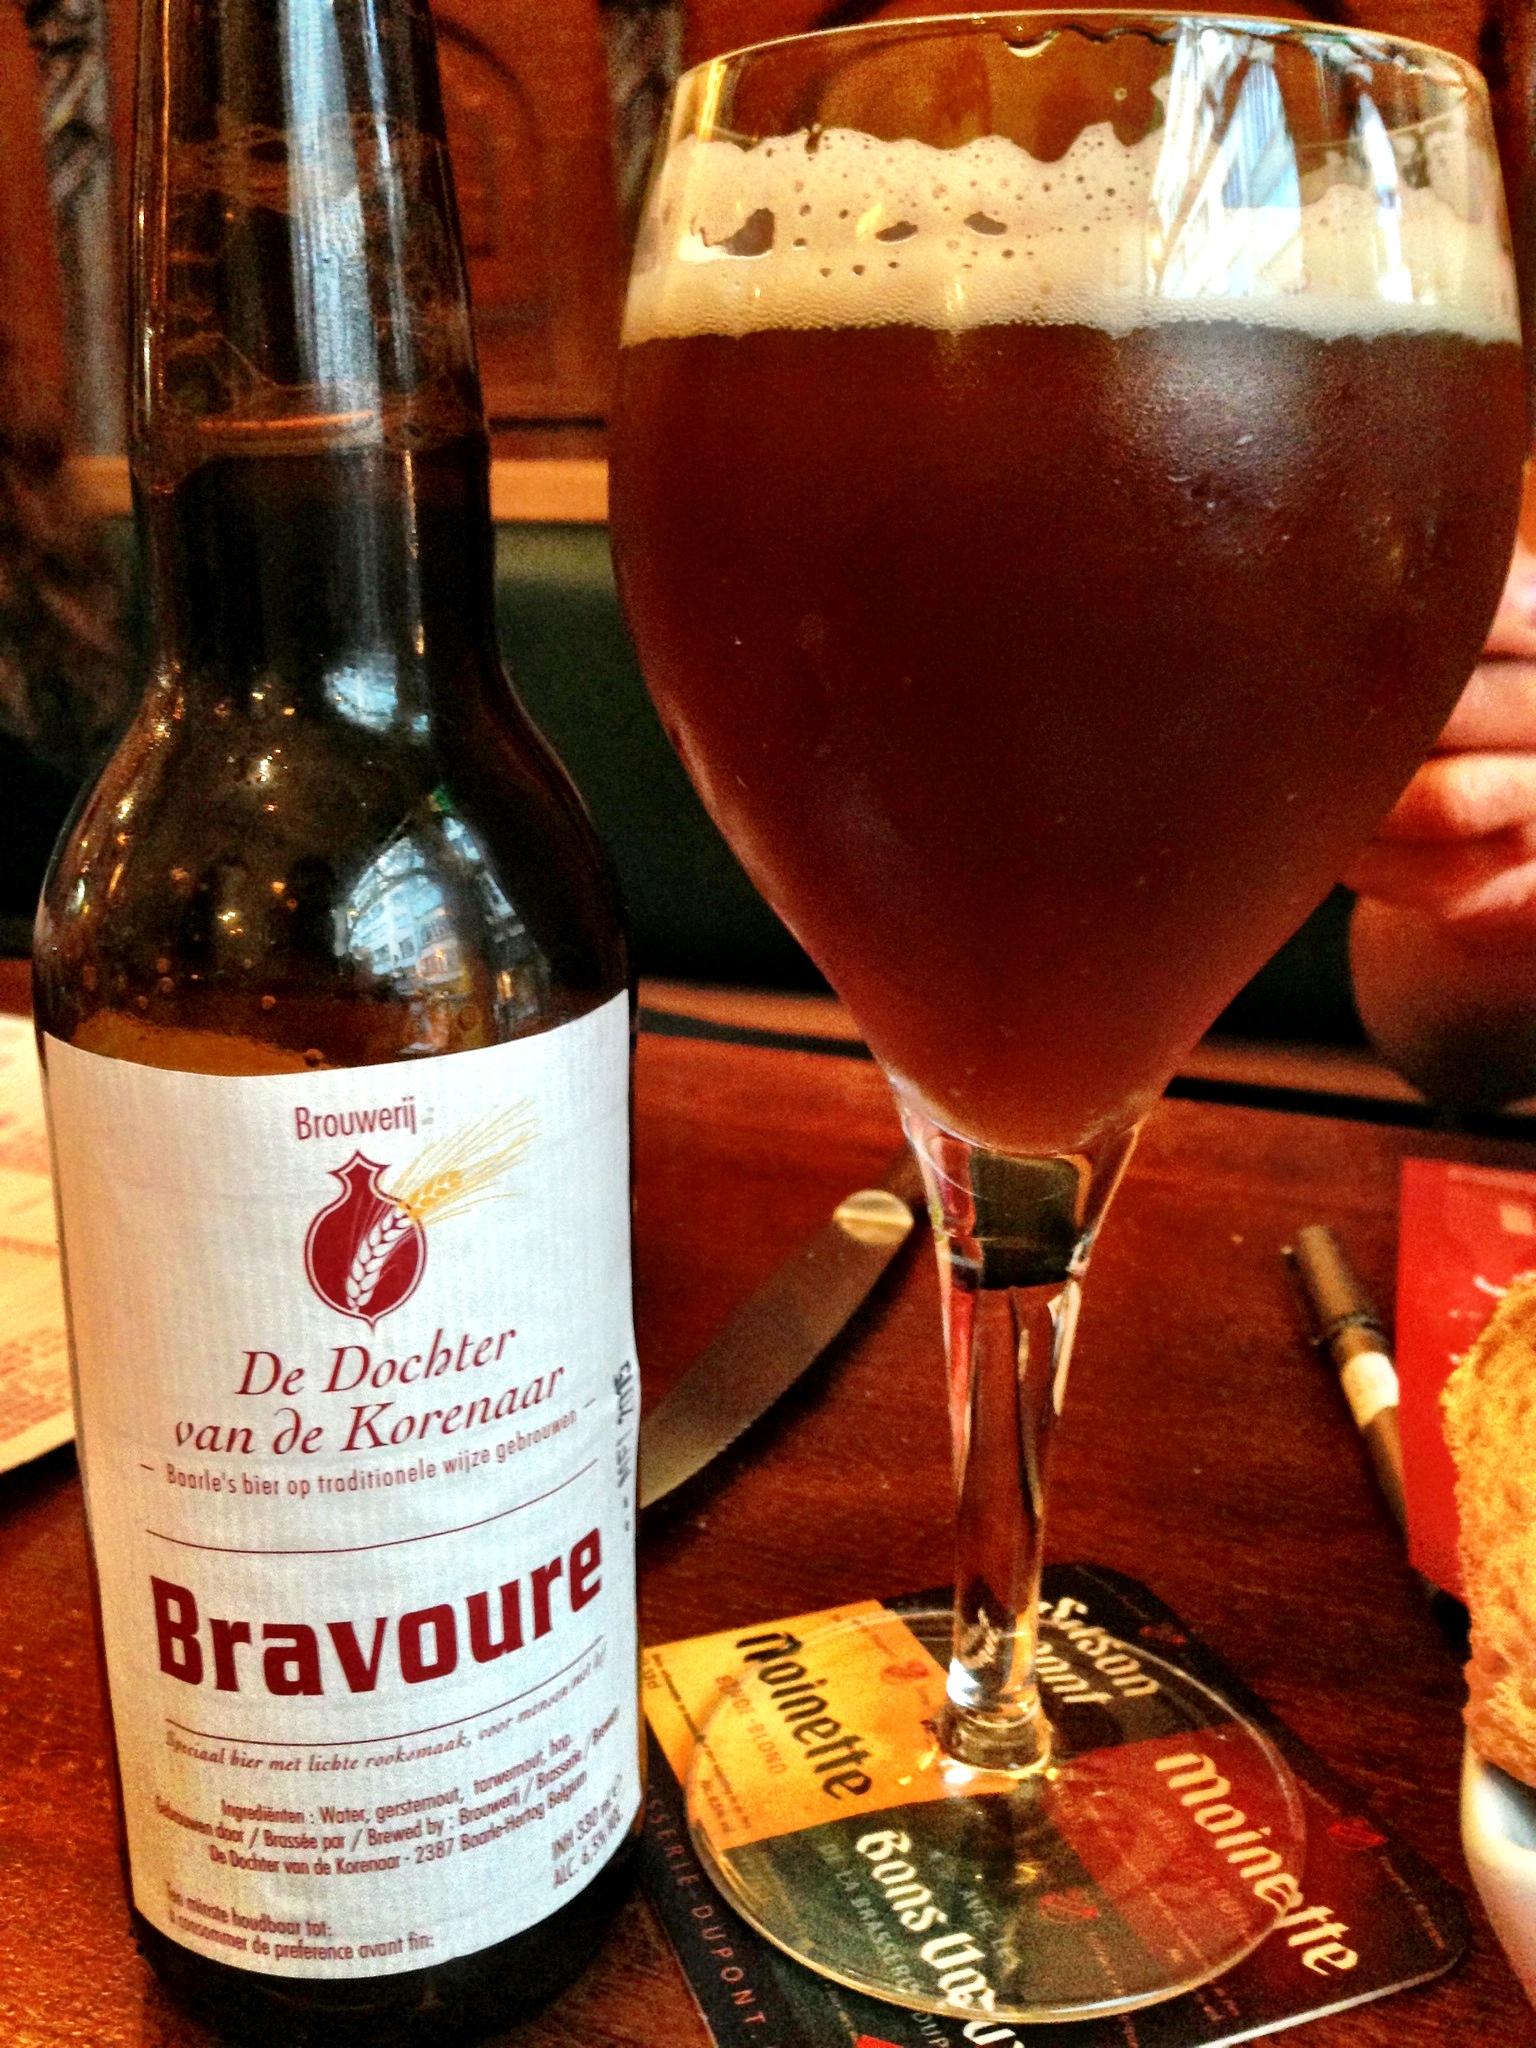 Bravoure Brouwerij De Dochter van de Korenaar, pairs great with a rich beef stew!